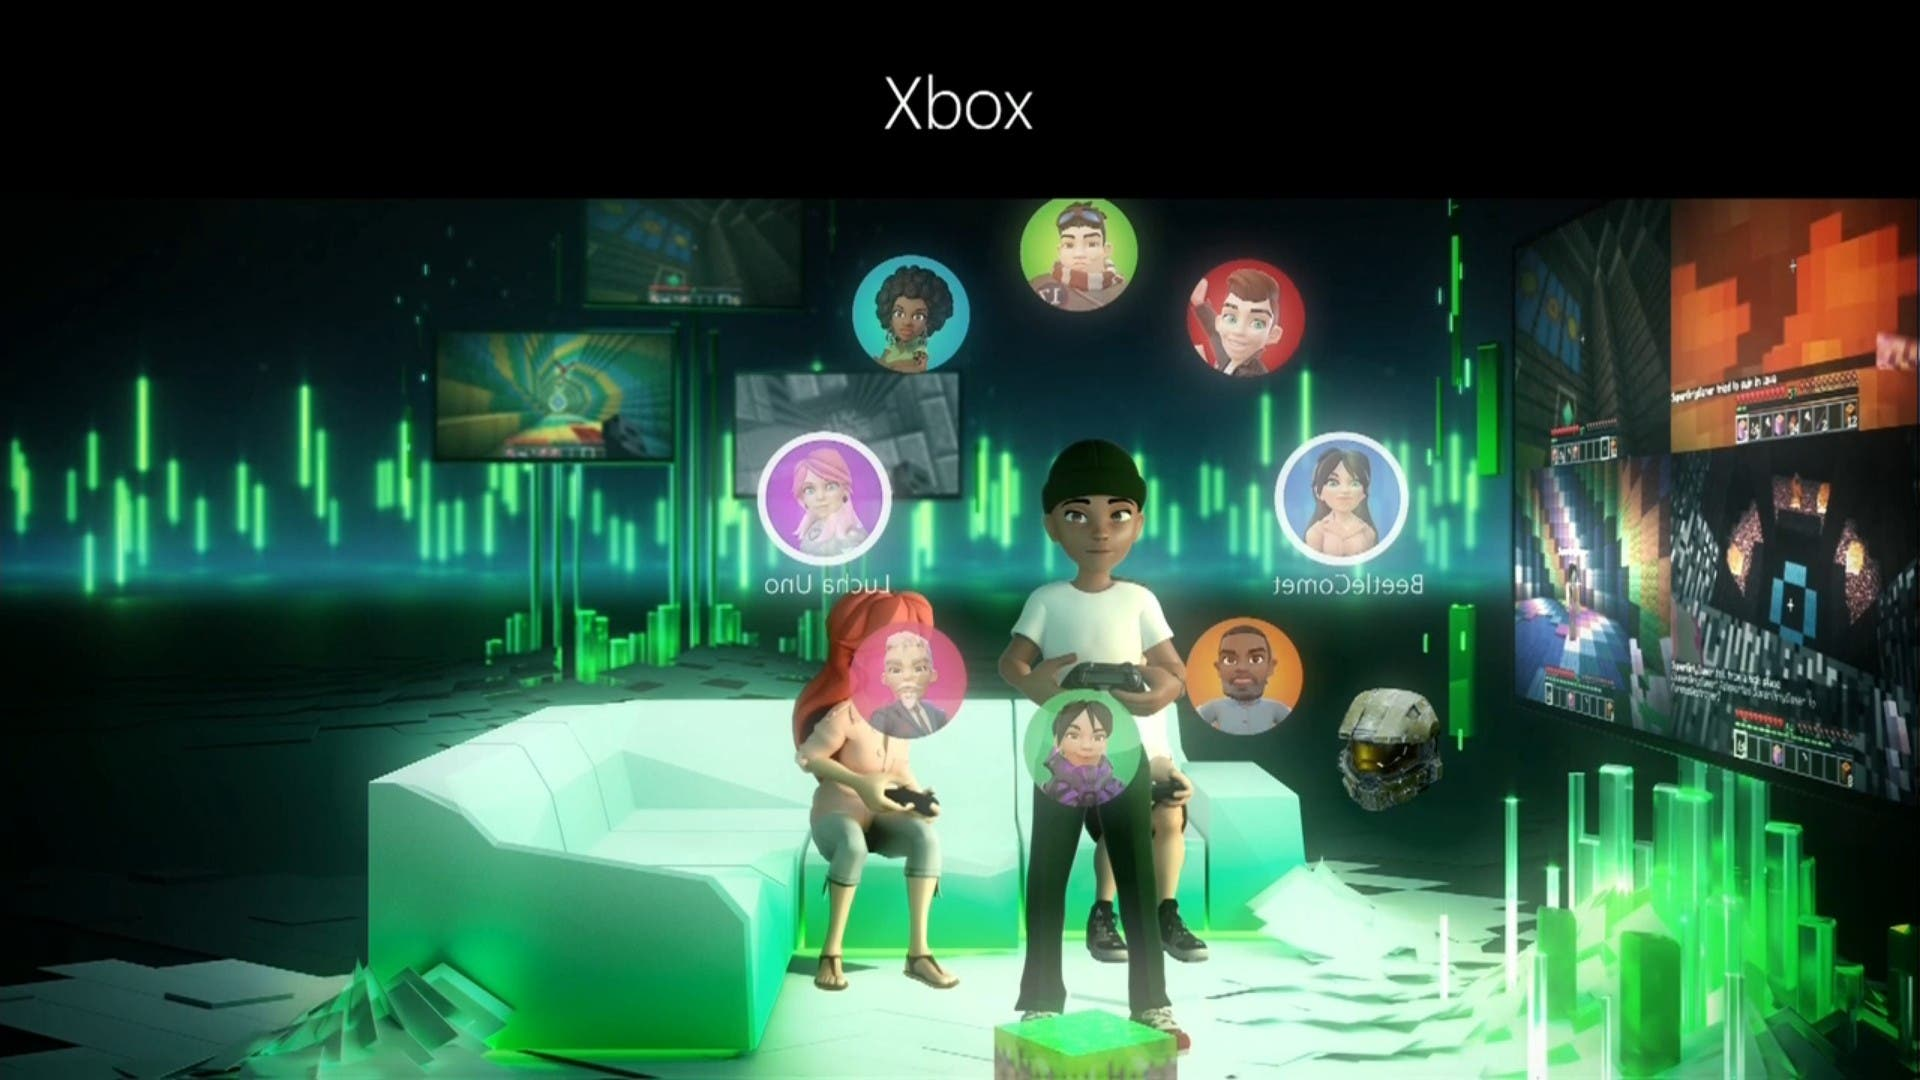 La realidad mixta llegará a Xbox en el E3 2017 2